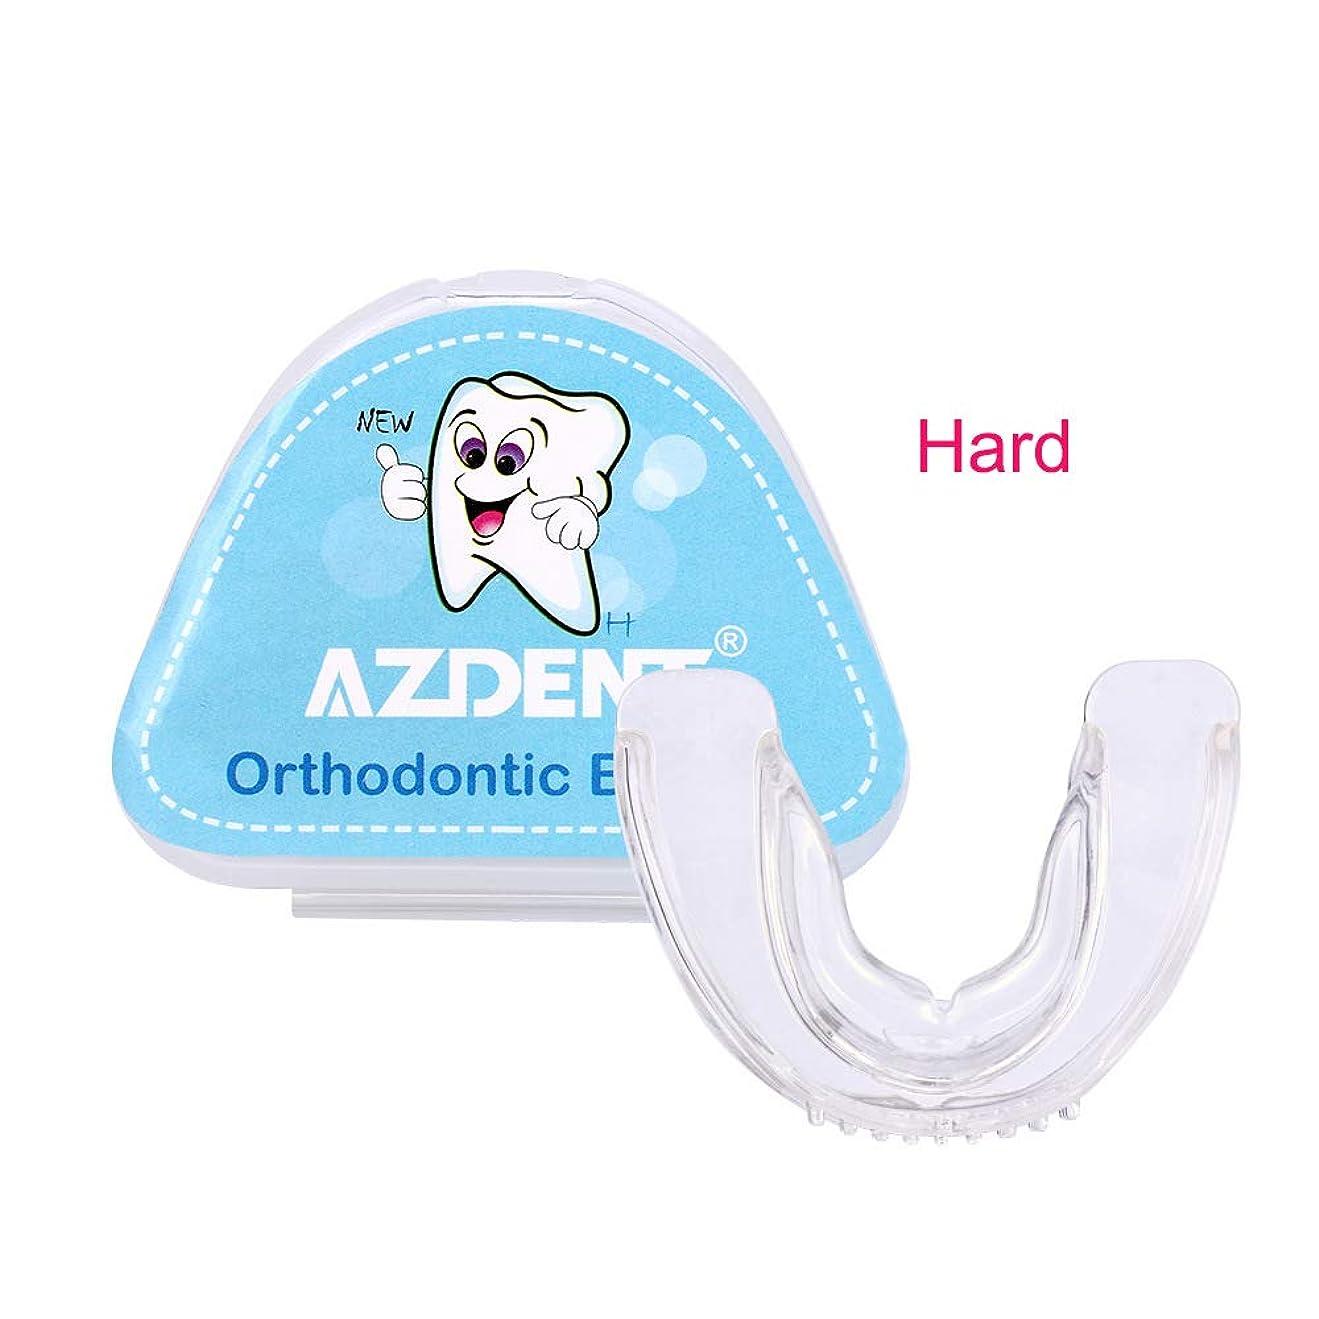 味退院達成する1対の歯列矯正ブレースを改善し、顔の形を整えます,hard